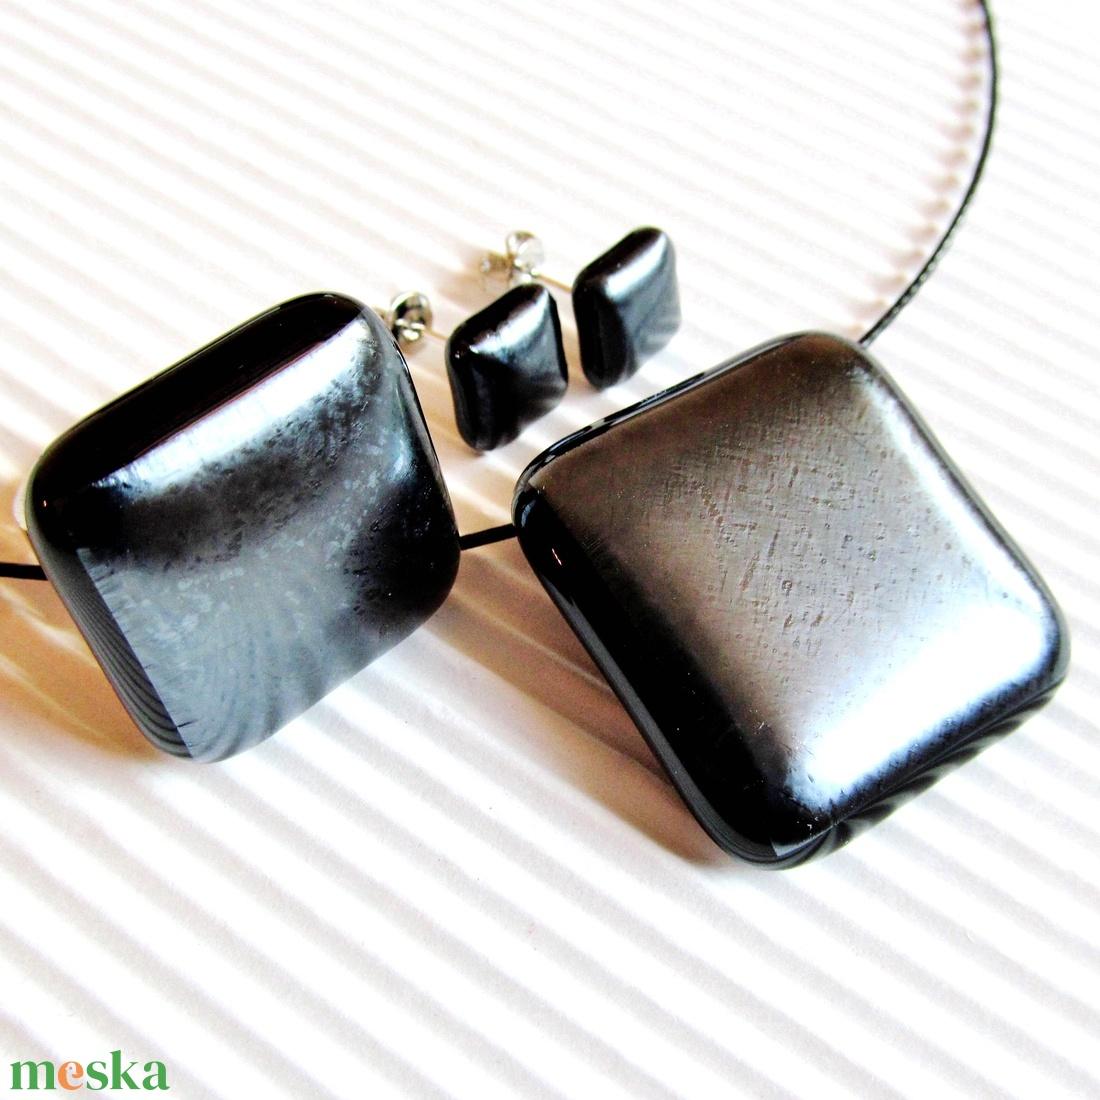 Ezüst szürke metál fény üveg gyűrű, üvegékszer - ékszer - gyűrű - statement gyűrű - Meska.hu